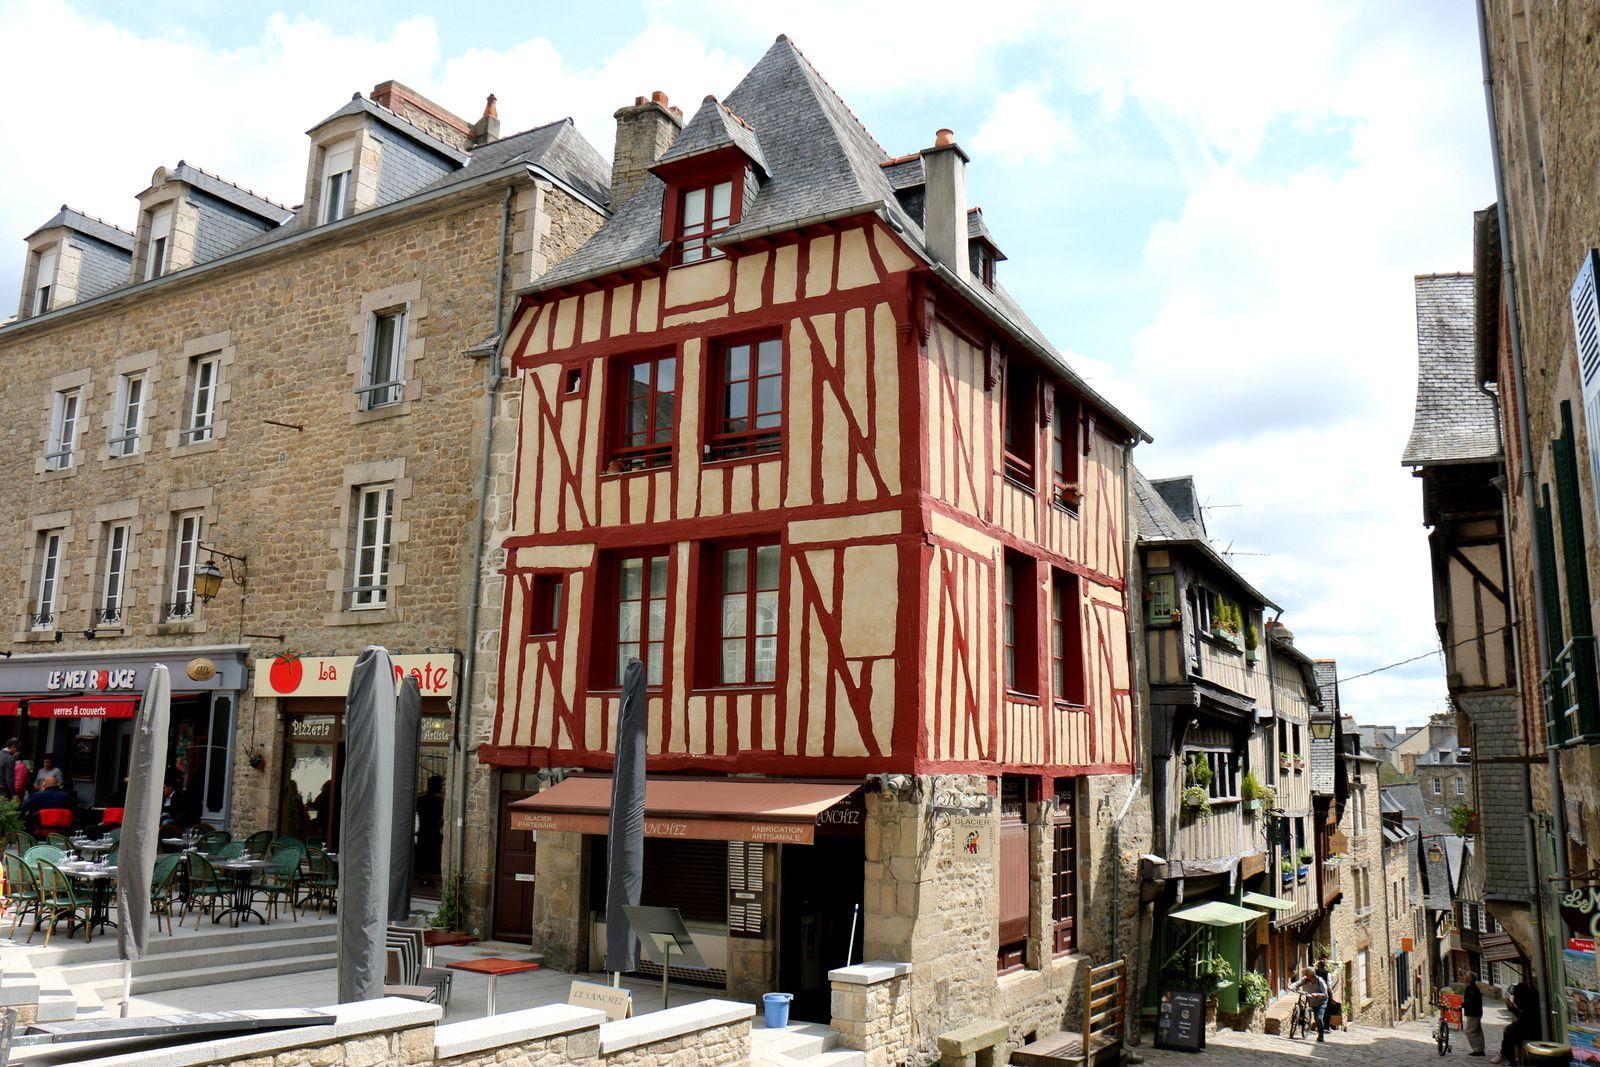 Maisons à colombages à Dinan